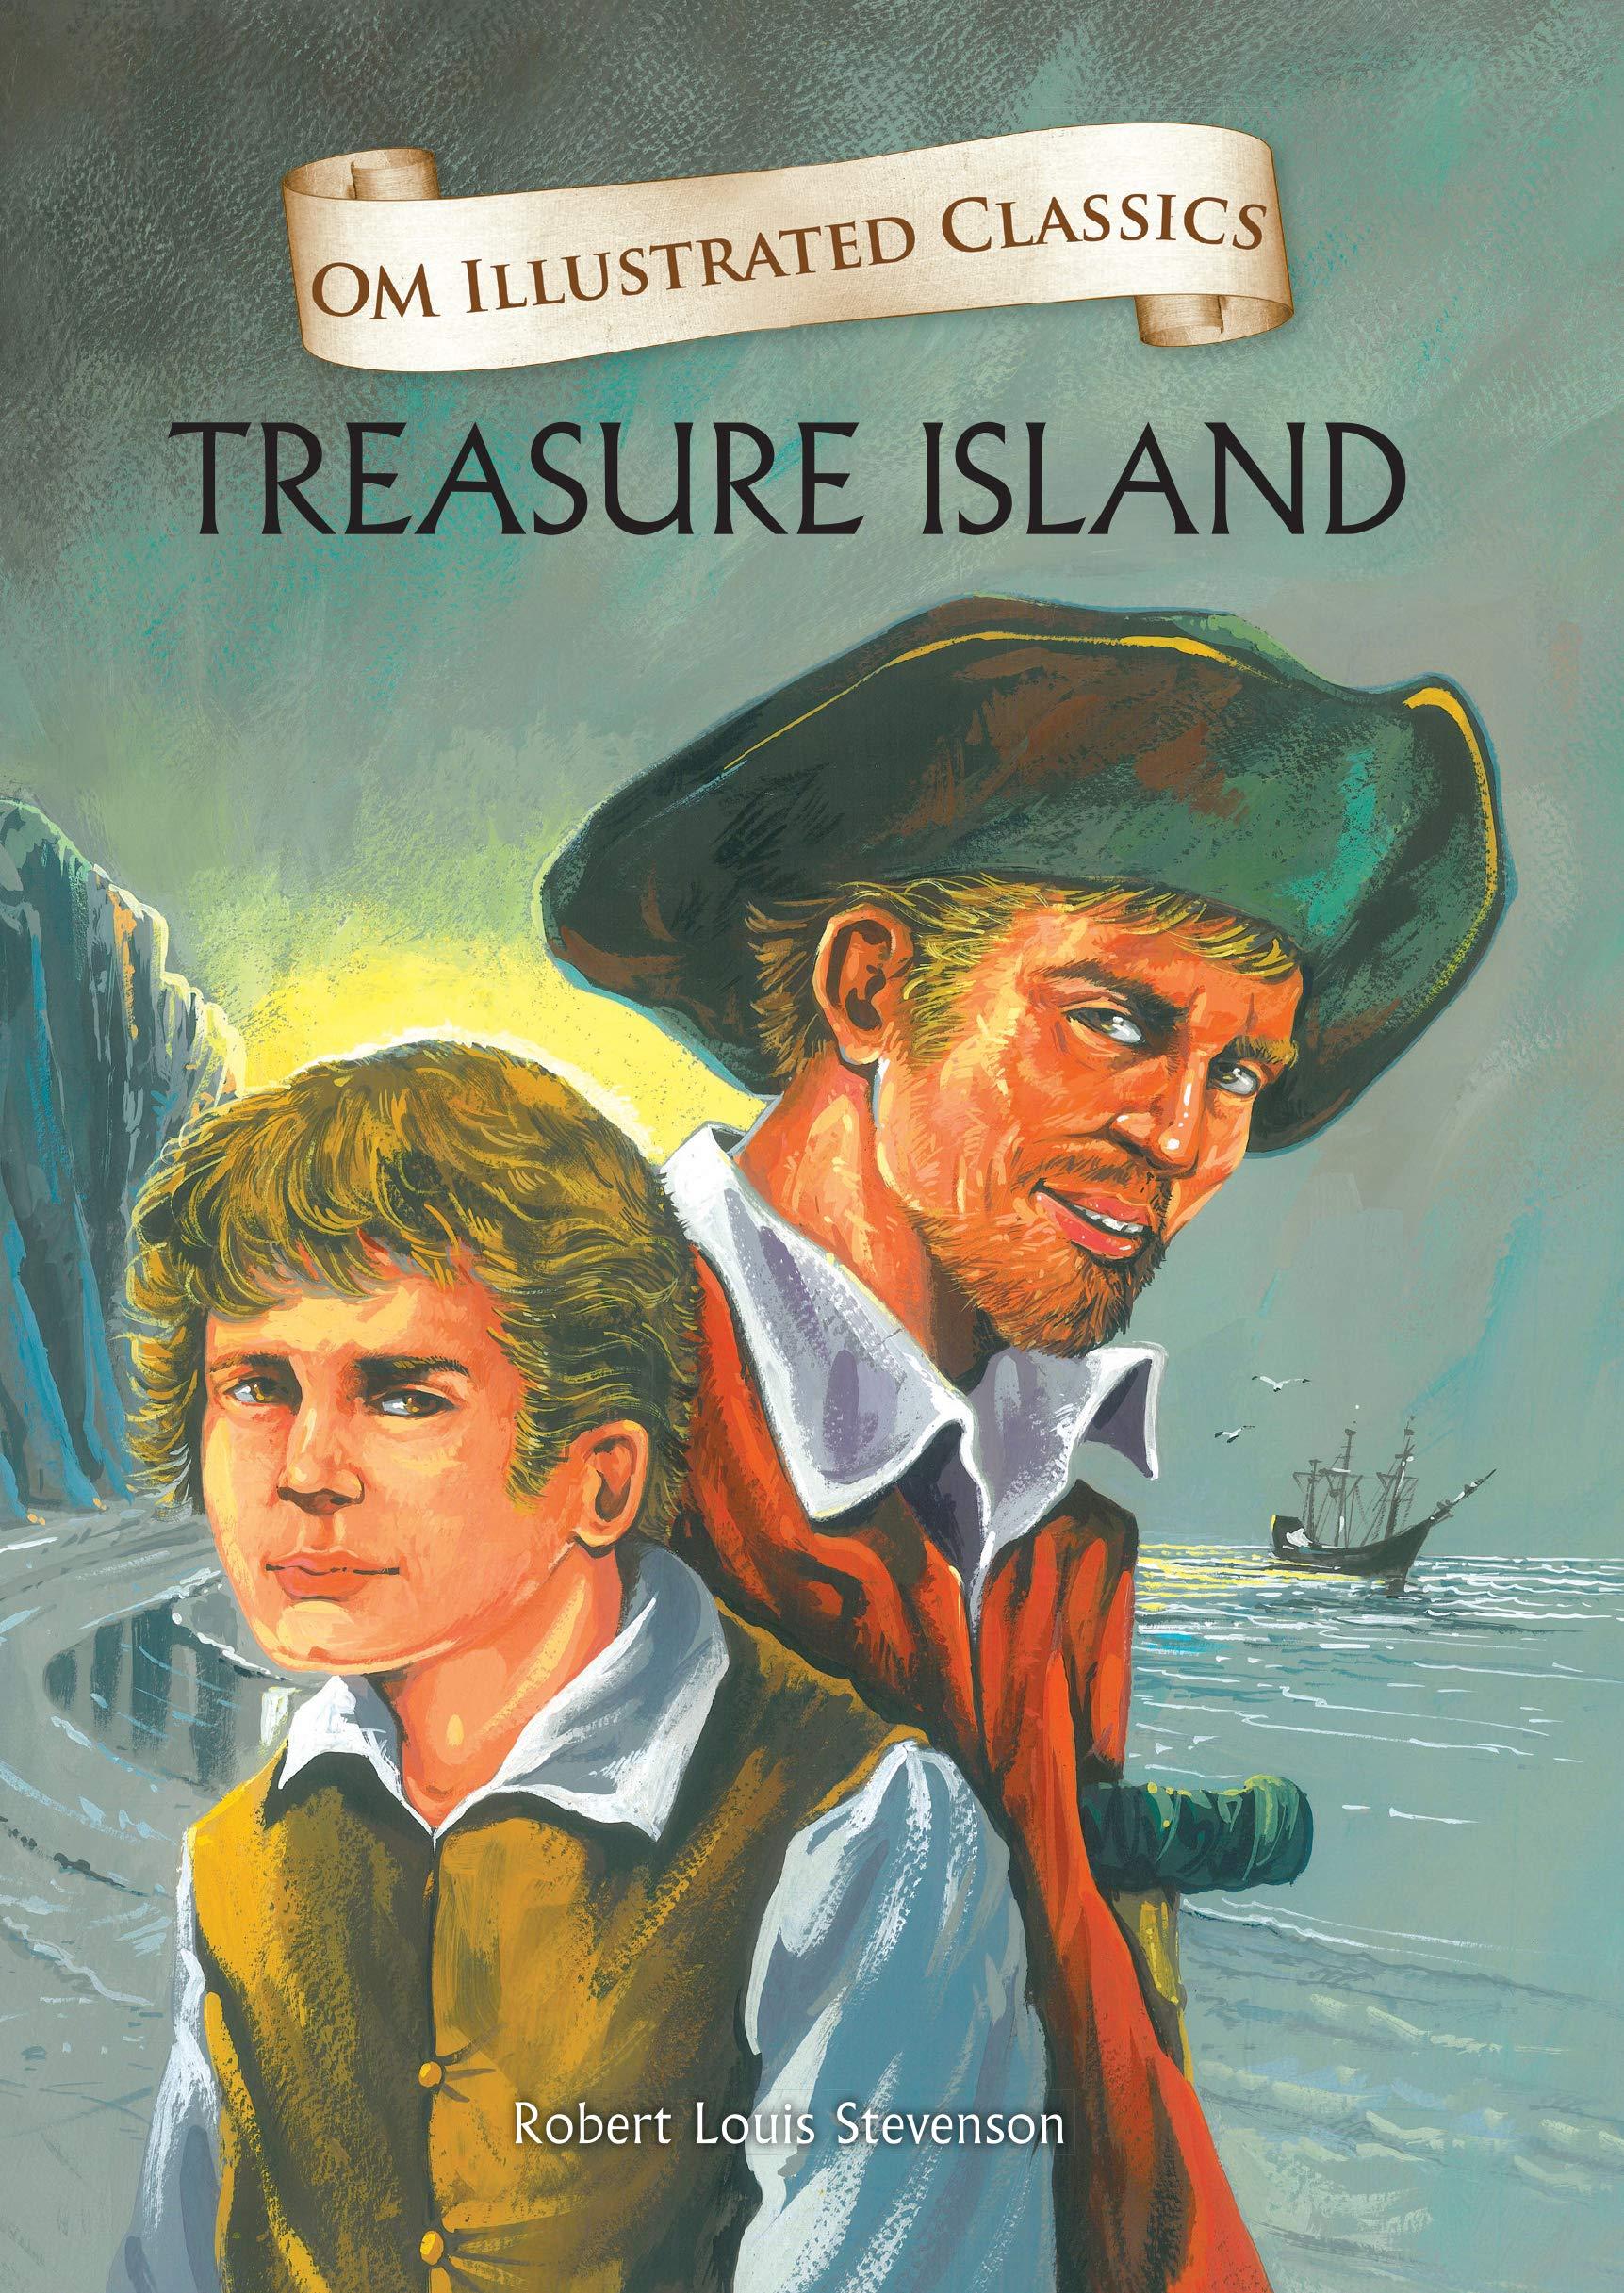 Treasure Island : Illustrated abridged Classics (Om Illustrated Classics)